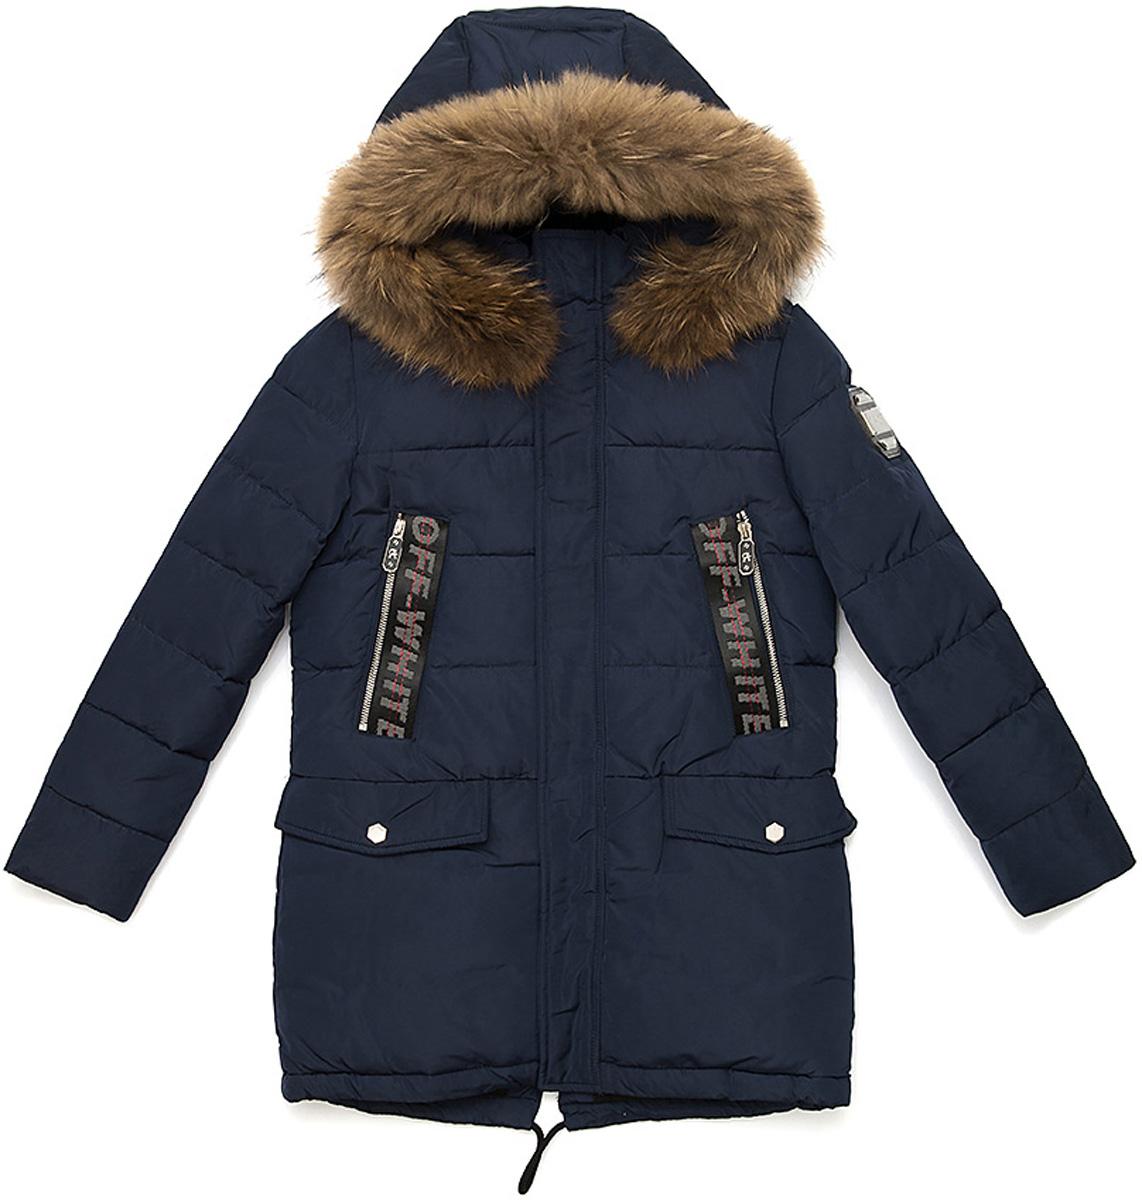 Куртка для мальчика Vitacci, цвет: синий. 1171482-04. Размер 1601171482-04Удлиненная куртка для мальчика Vitacci, изготовленная из полиэстера, станет стильнымдополнением к детскому гардеробу.Подкладка выполнена из полиэстера и дополнительно утеплена флисом по спинке. В качестве наполнителя используется биопух.Куртка имеет внешнюю ветрозащитную планку и съемный капюшон с отделкой из натурального меха. Изделие оформлено декоративными элементами на рукавах и карманах.Температурный режим от -10°С до -25°С.Теплая, удобная и практичная куртка идеально подойдет юному моднику для прогулок!